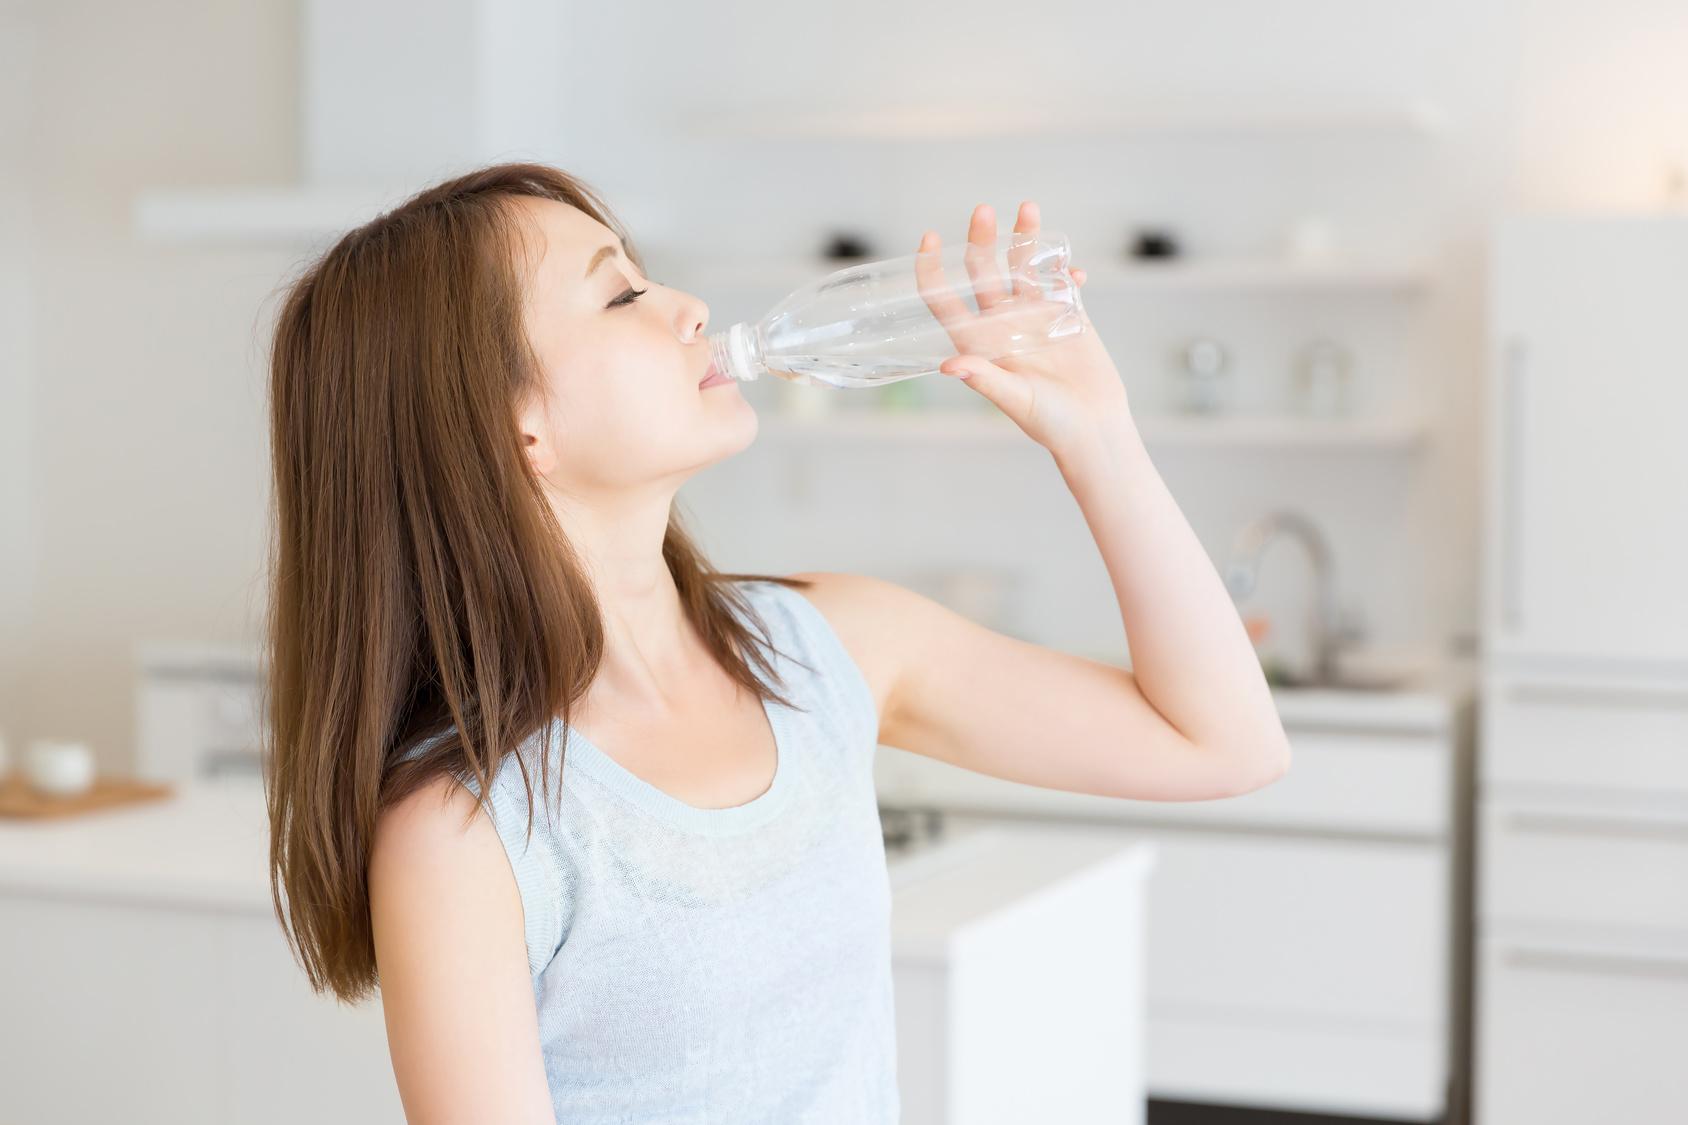 1日に必要な水分補給